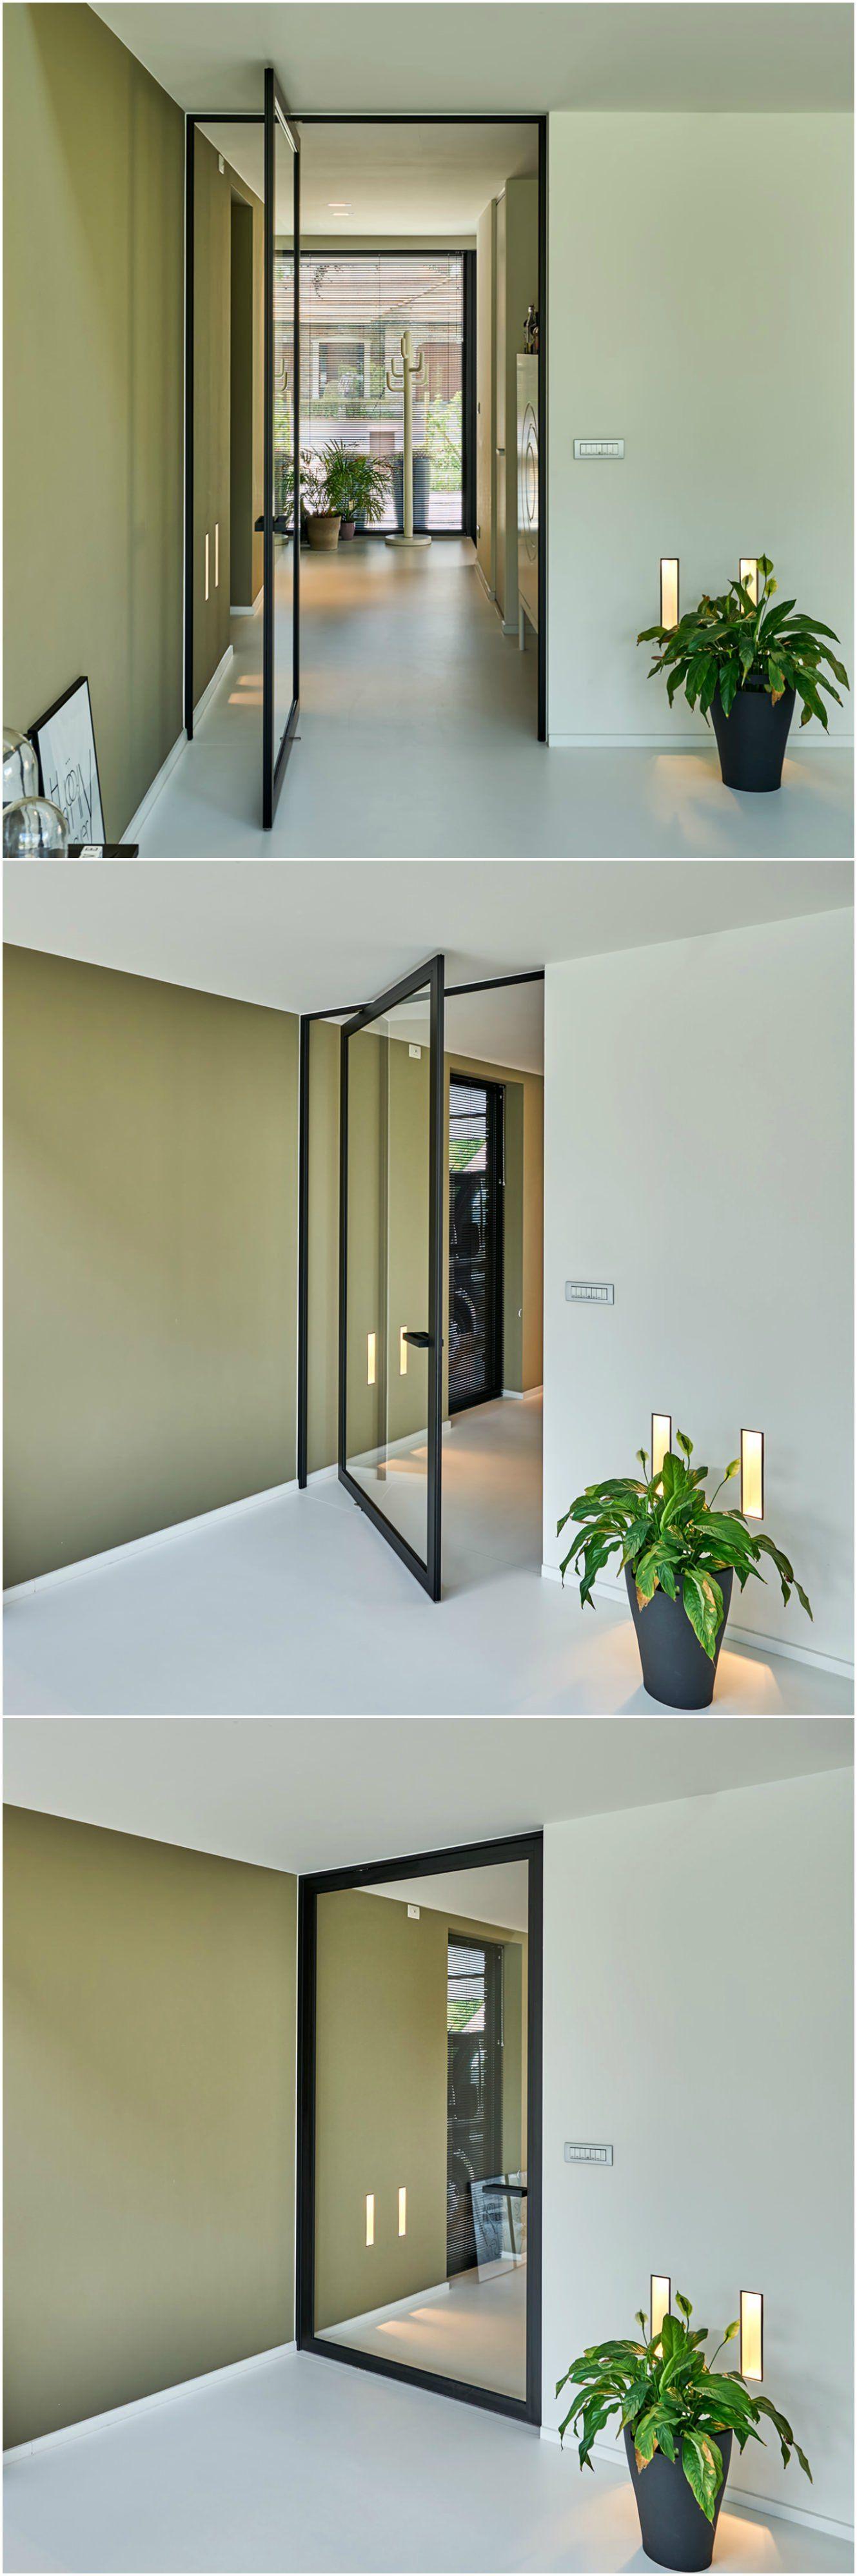 porte vitr e sur pivot d sax type steel look hall porte vitr e portes et portes vitr es. Black Bedroom Furniture Sets. Home Design Ideas